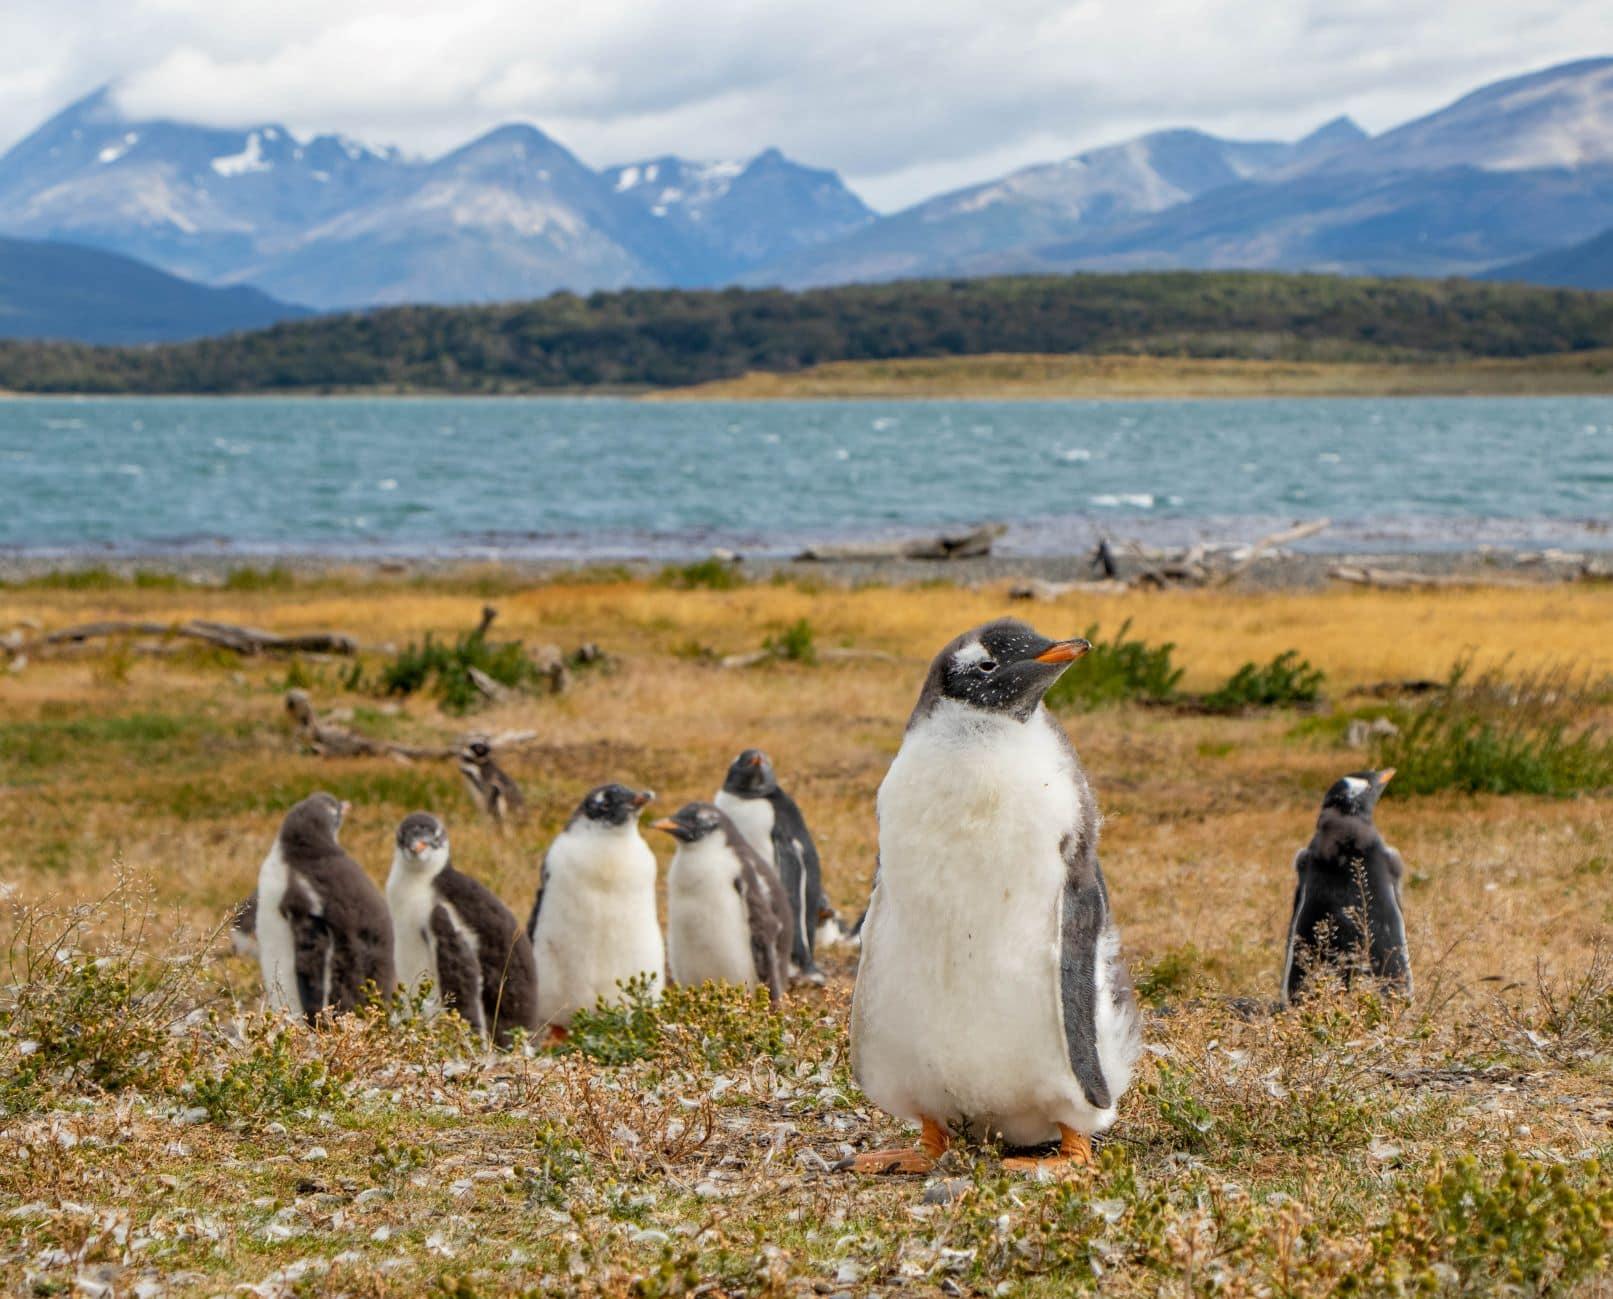 Papua Penguins auf Martillo Island, Ushuaia, Tierra del Fuego